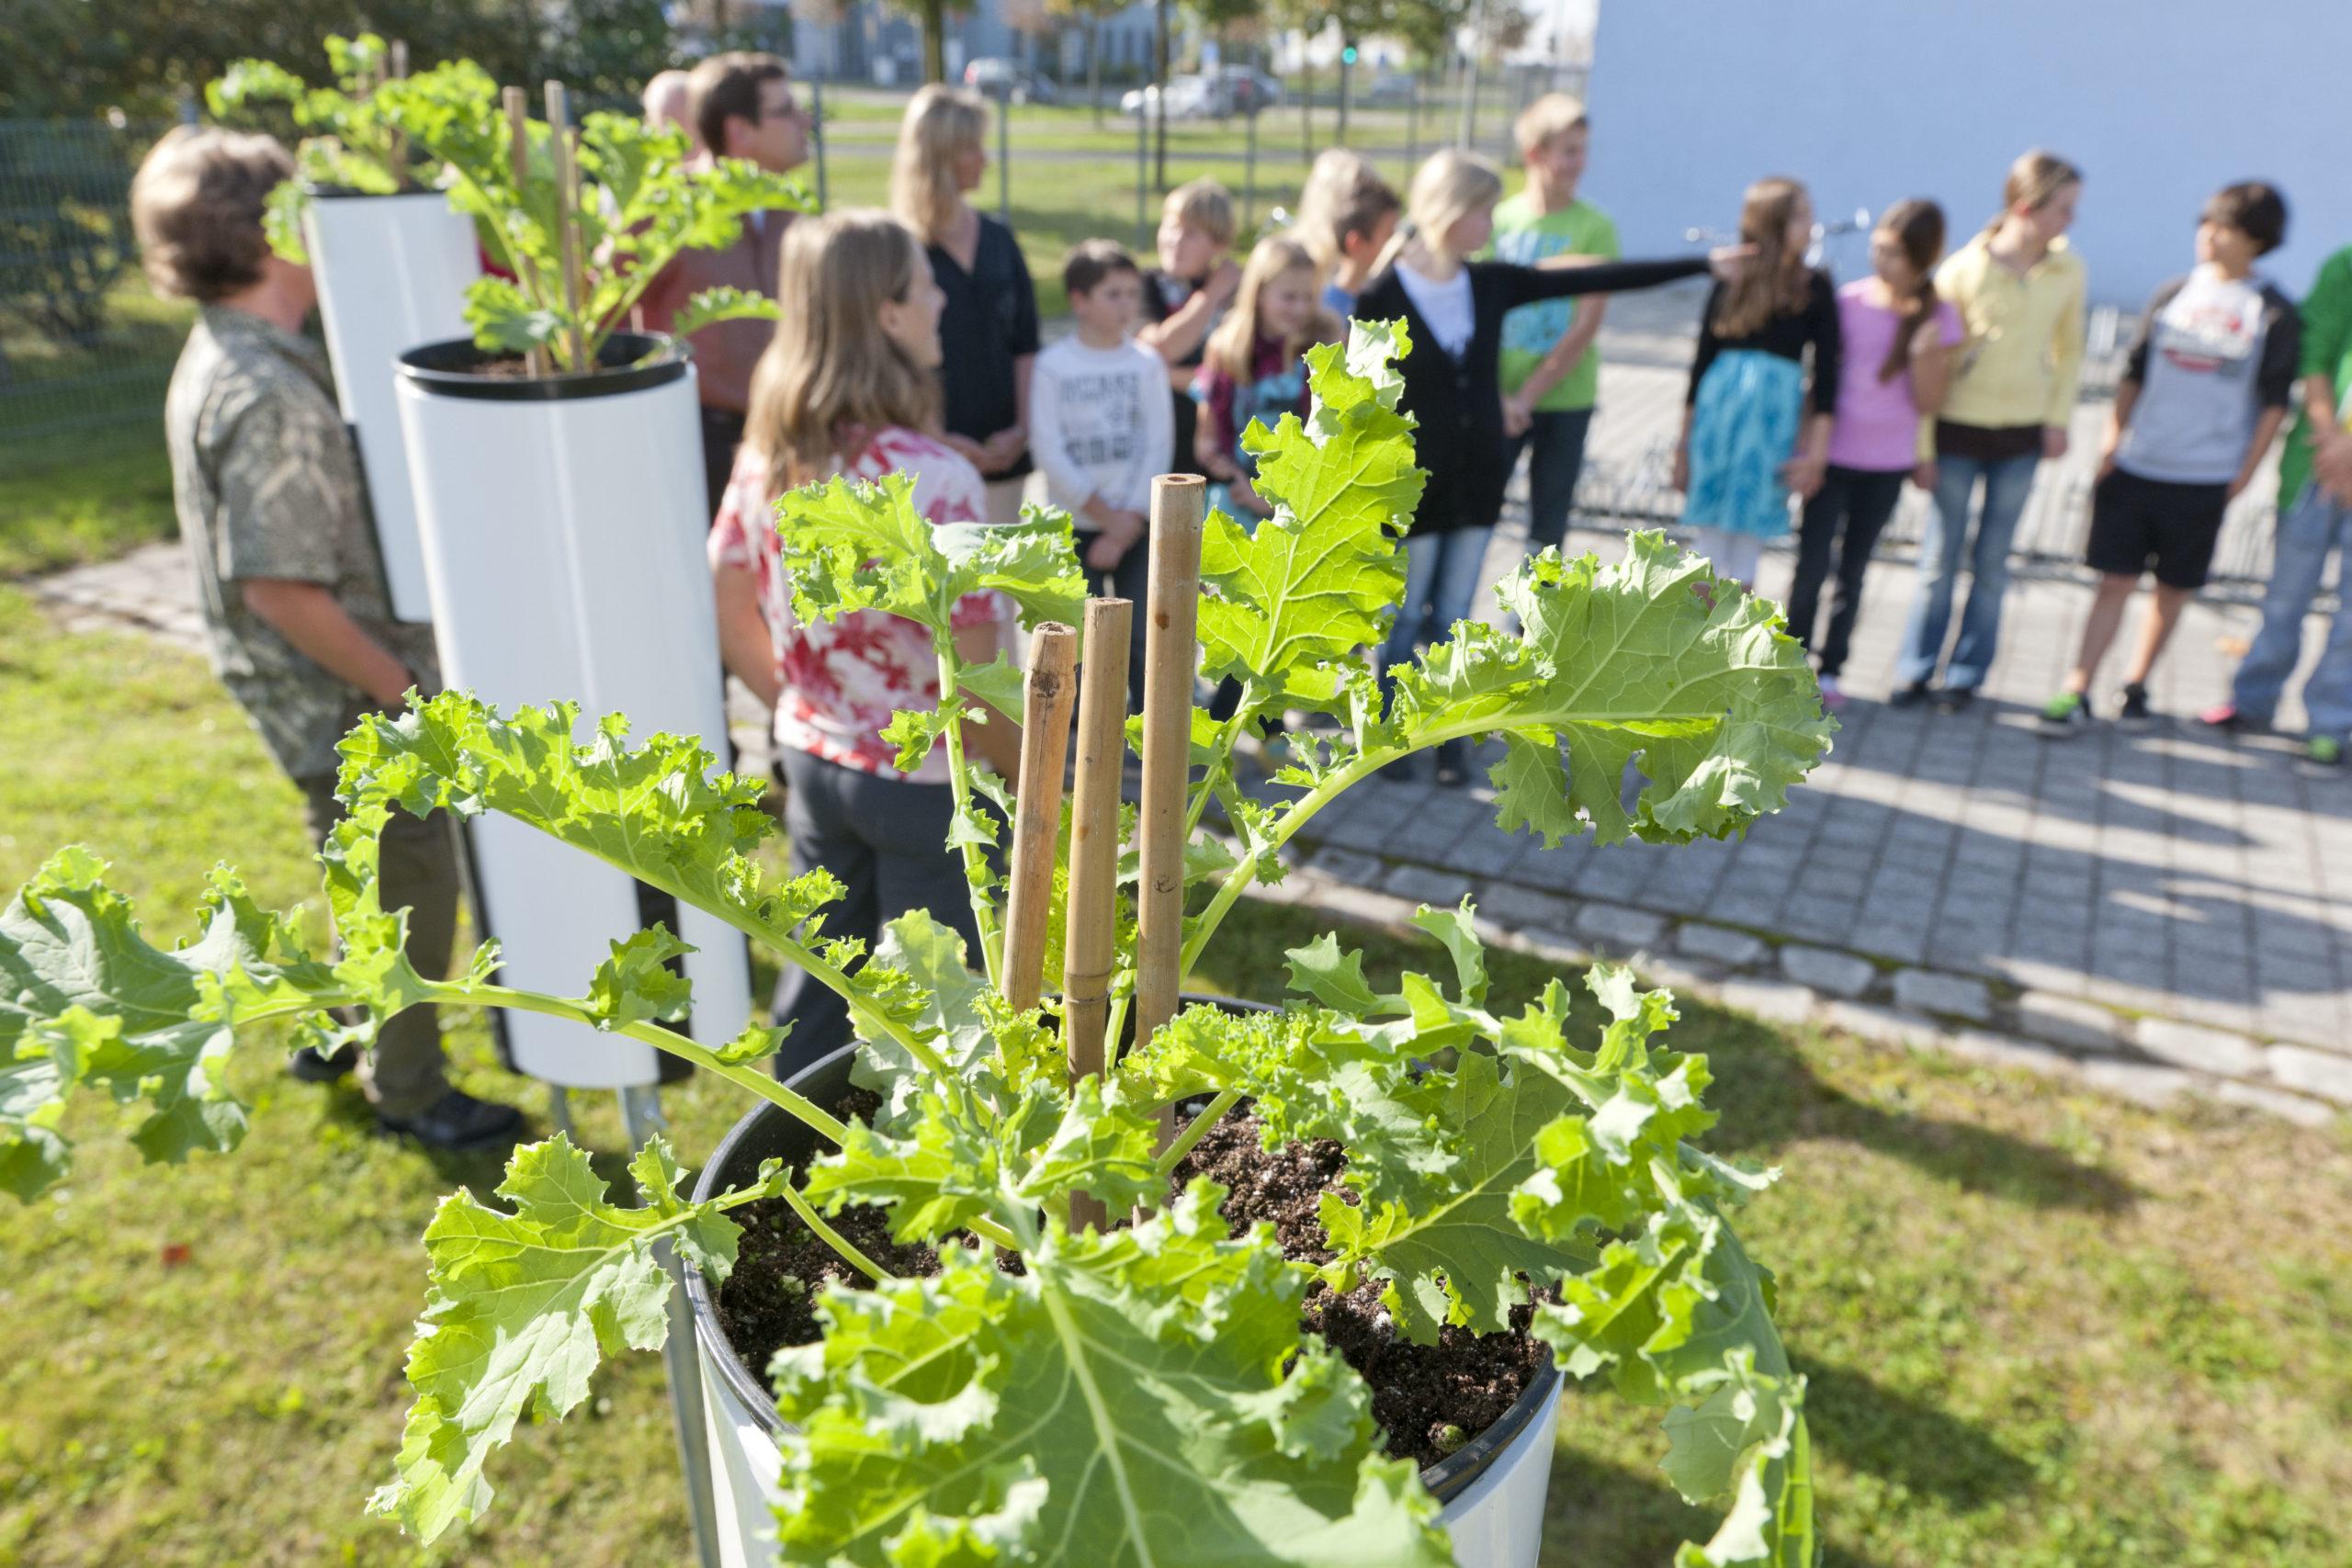 Bild 2. Grünkohlexposition am Messpunkt MP9 Siedlung Schönefeld an einer Grundschule.  Bild: Günter Wicker